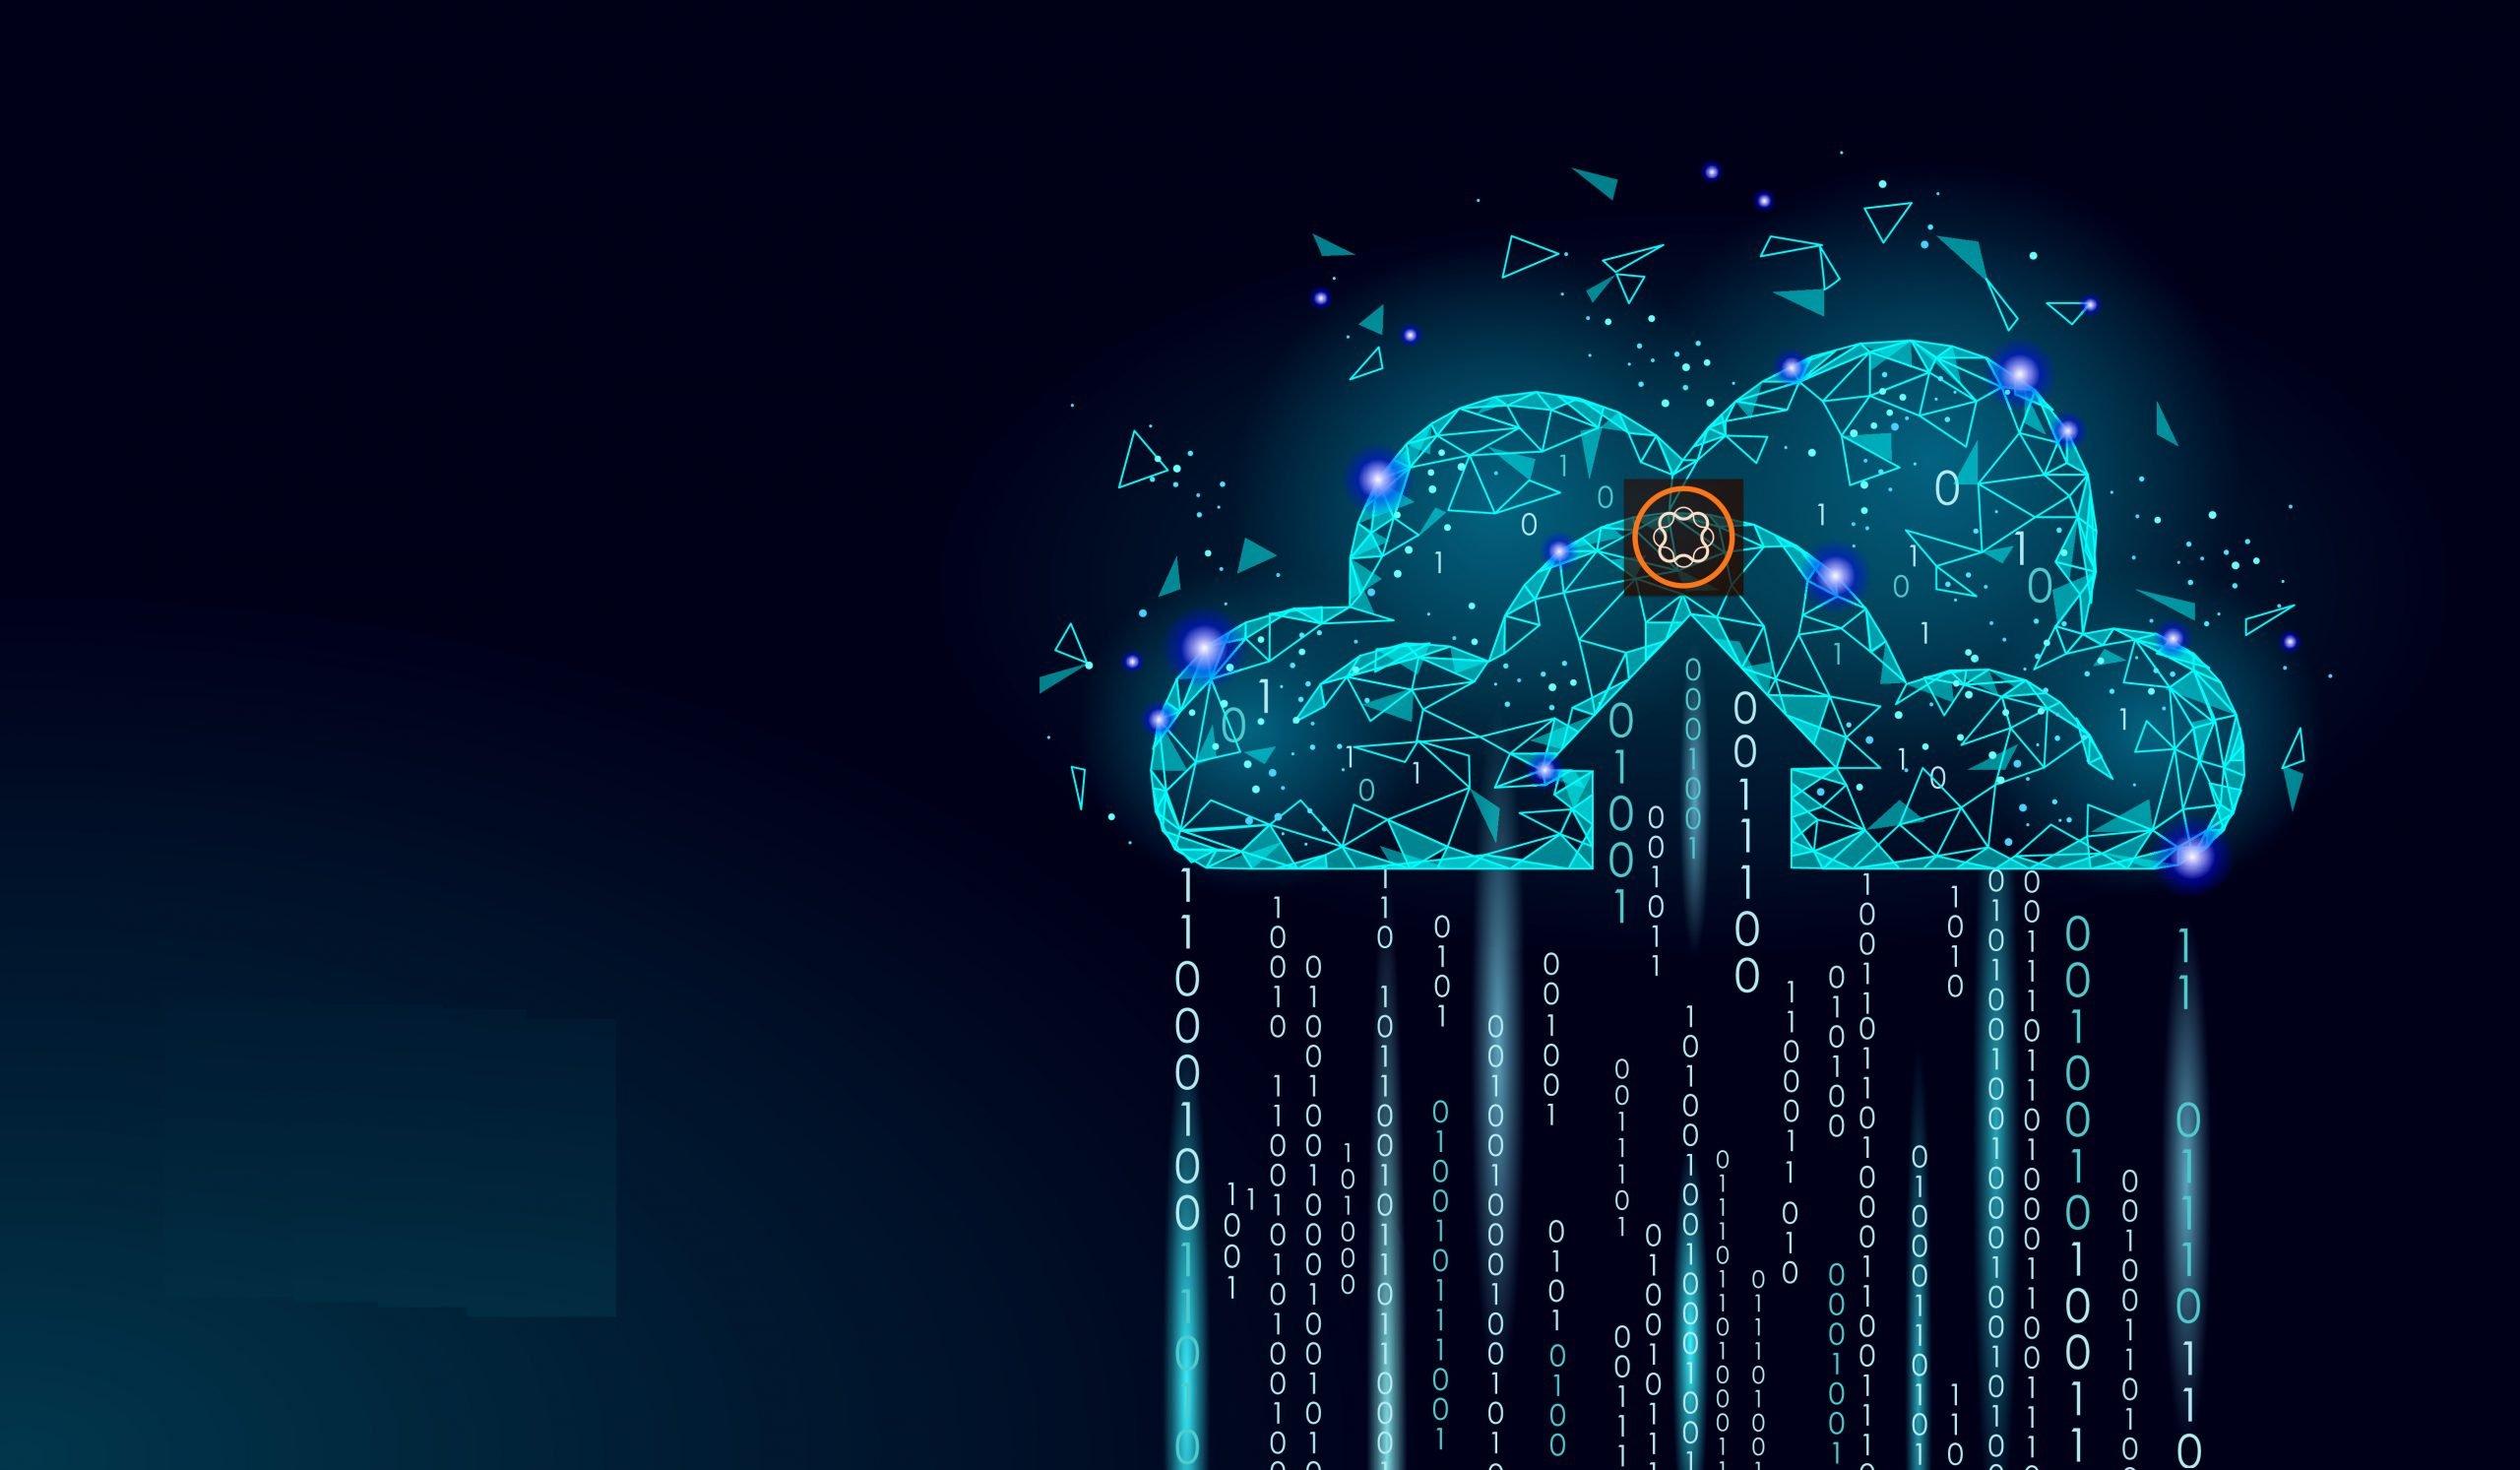 AEM AS A Cloud